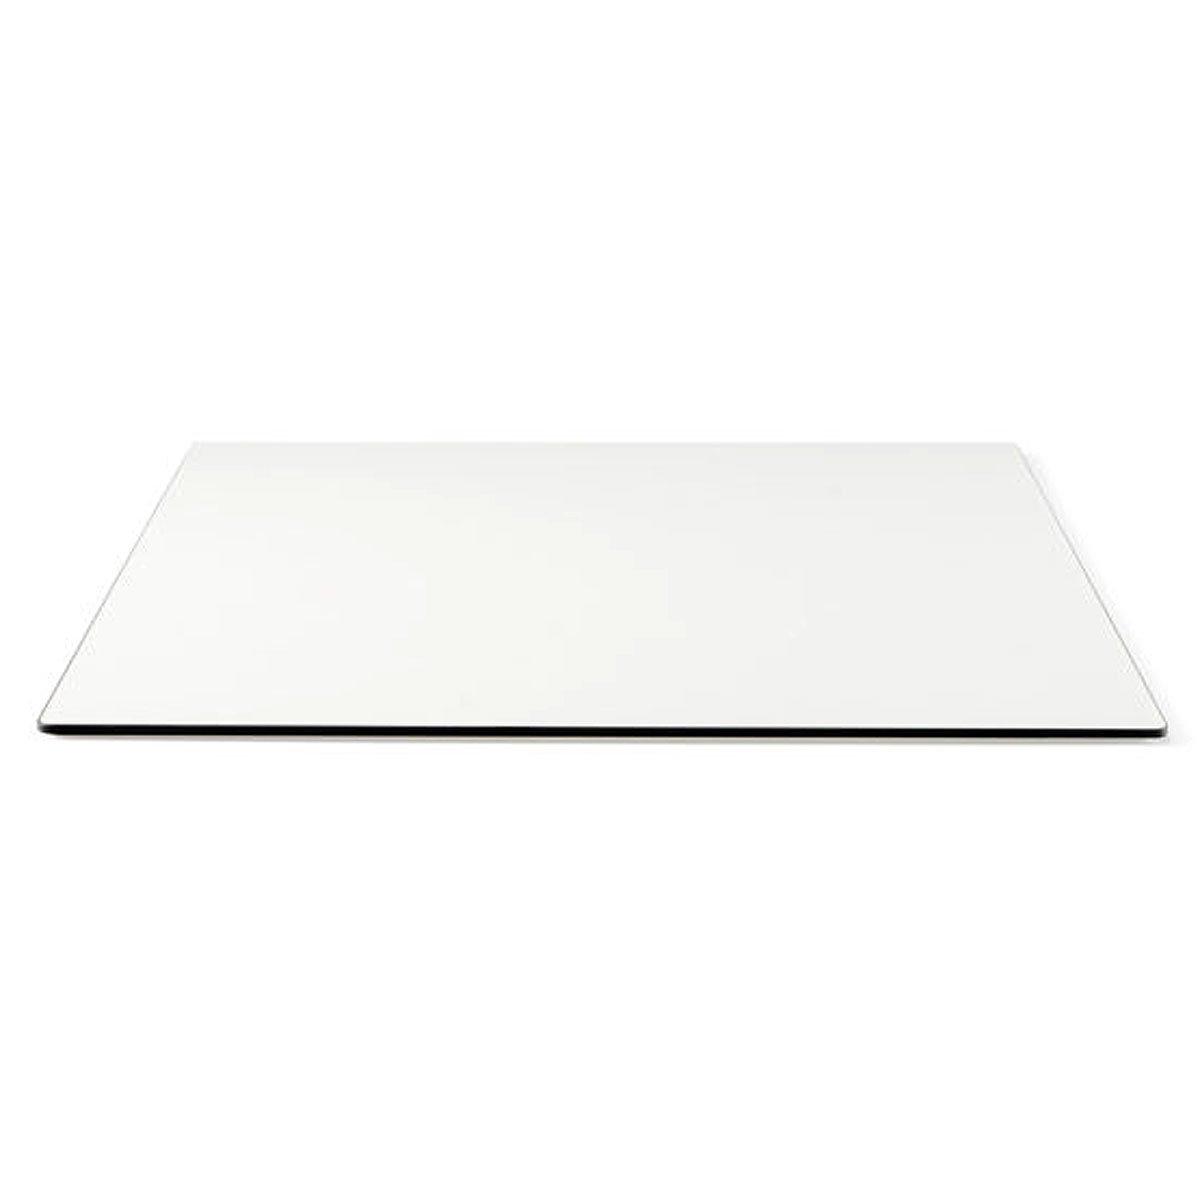 Piano Tavolo Laminato.Piano Tavolo Quadrato In Laminato 69x69cm Spessore 1cm